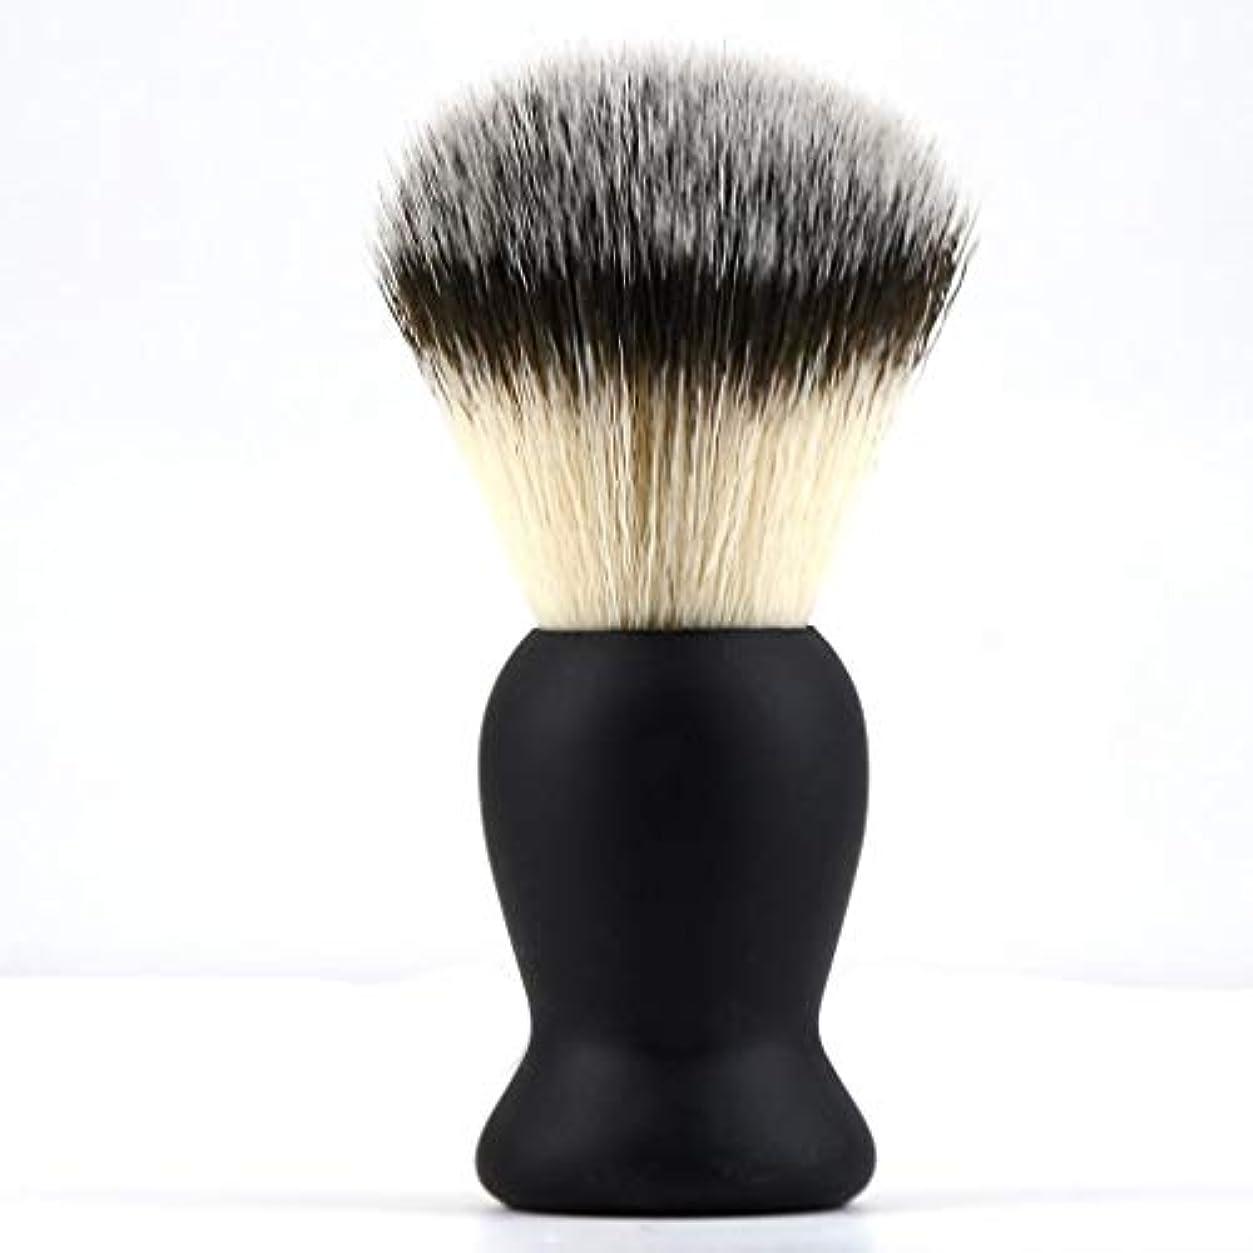 繁栄めまいシリアルHellery 髭剃り ブラシ シェービングブラシ ひげブラシ サロン ナイロン毛 柔らかい ひげ剃り 理容 便携